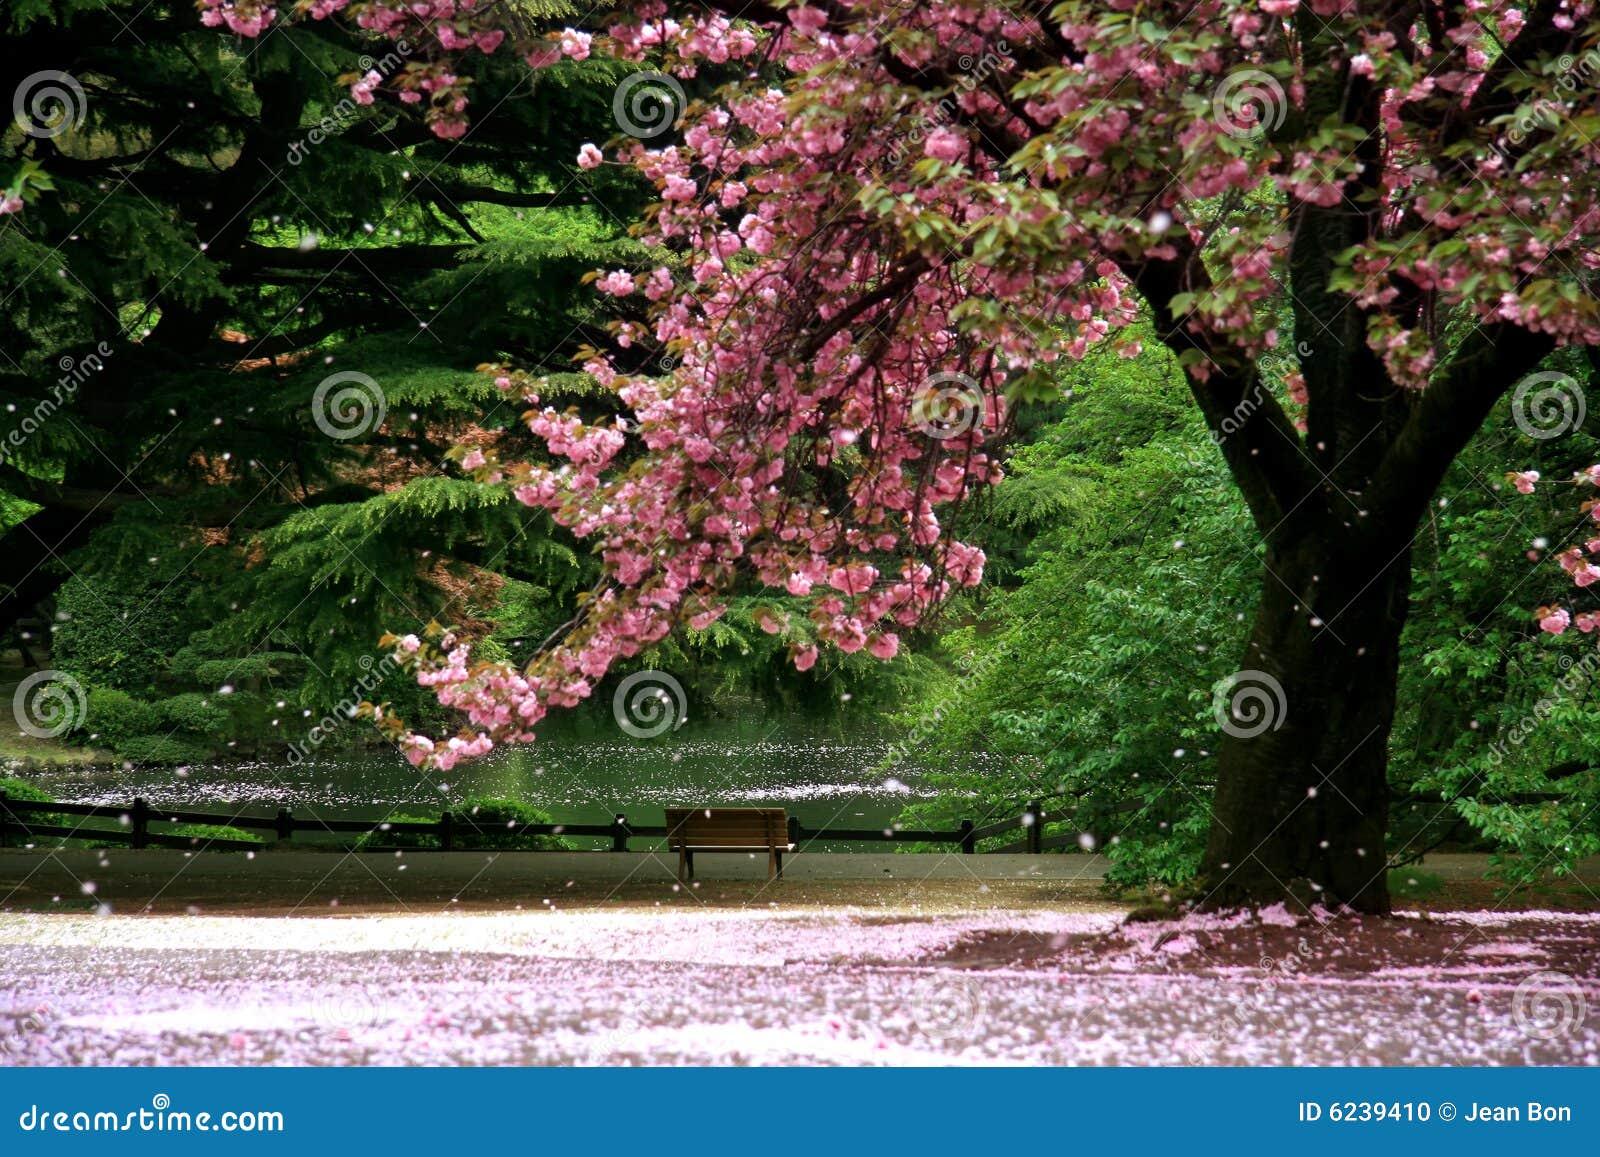 Flor de cereja mágica da vista